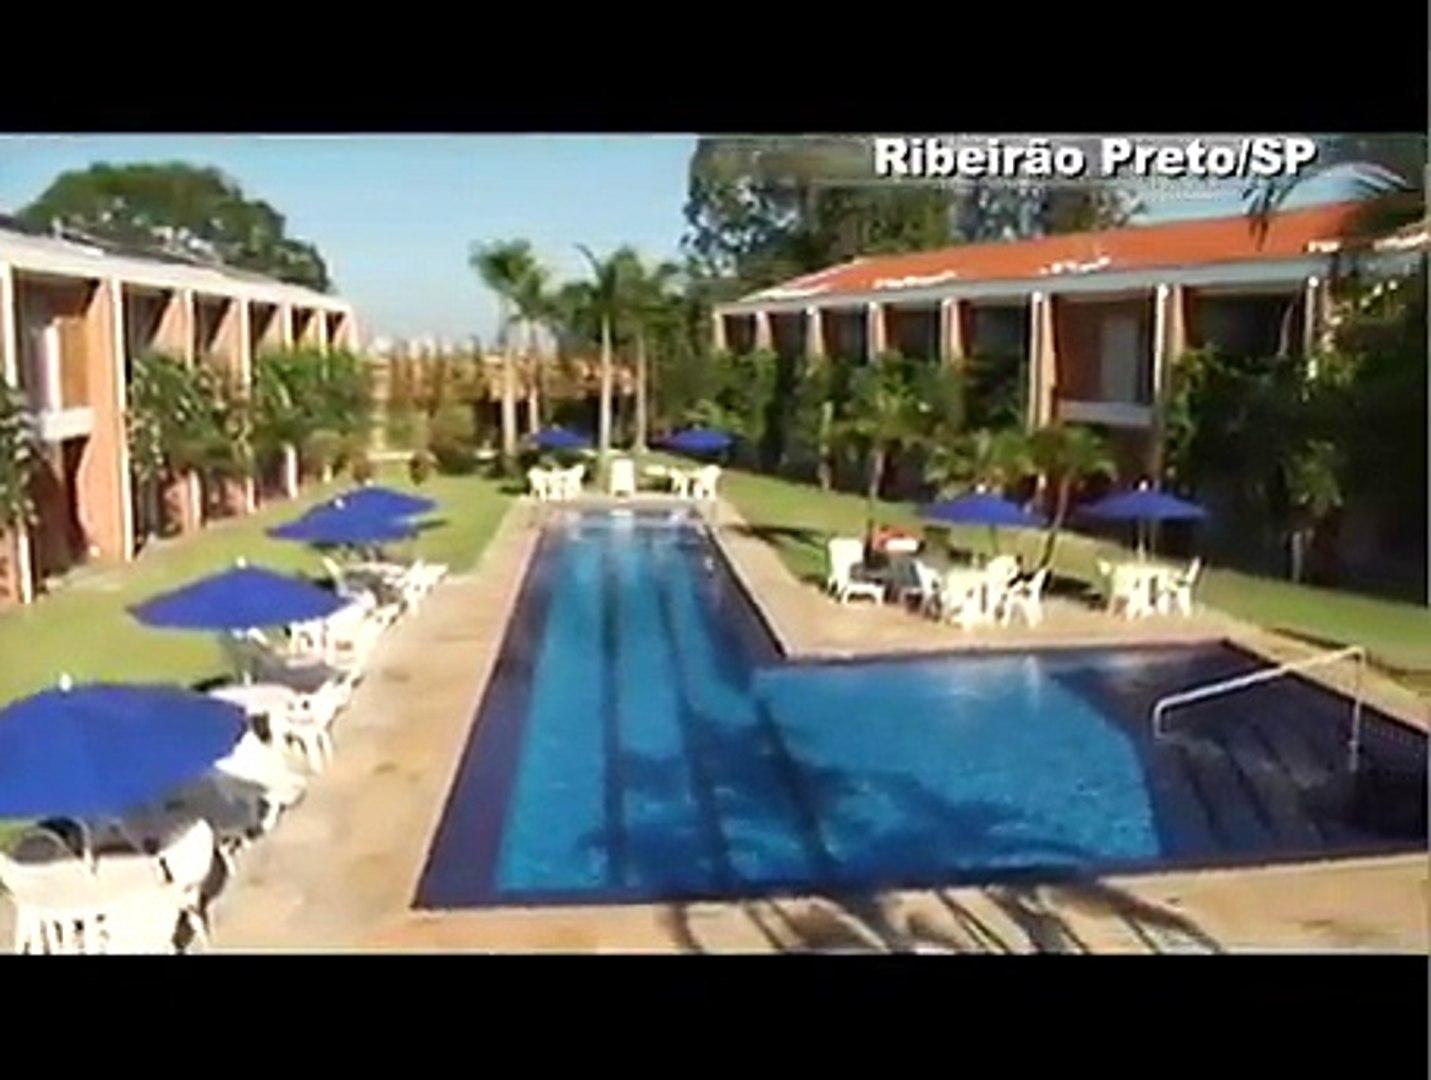 Destinos Referência. Turismo de Negócios e Eventos: Ribeirão Preto (SP)